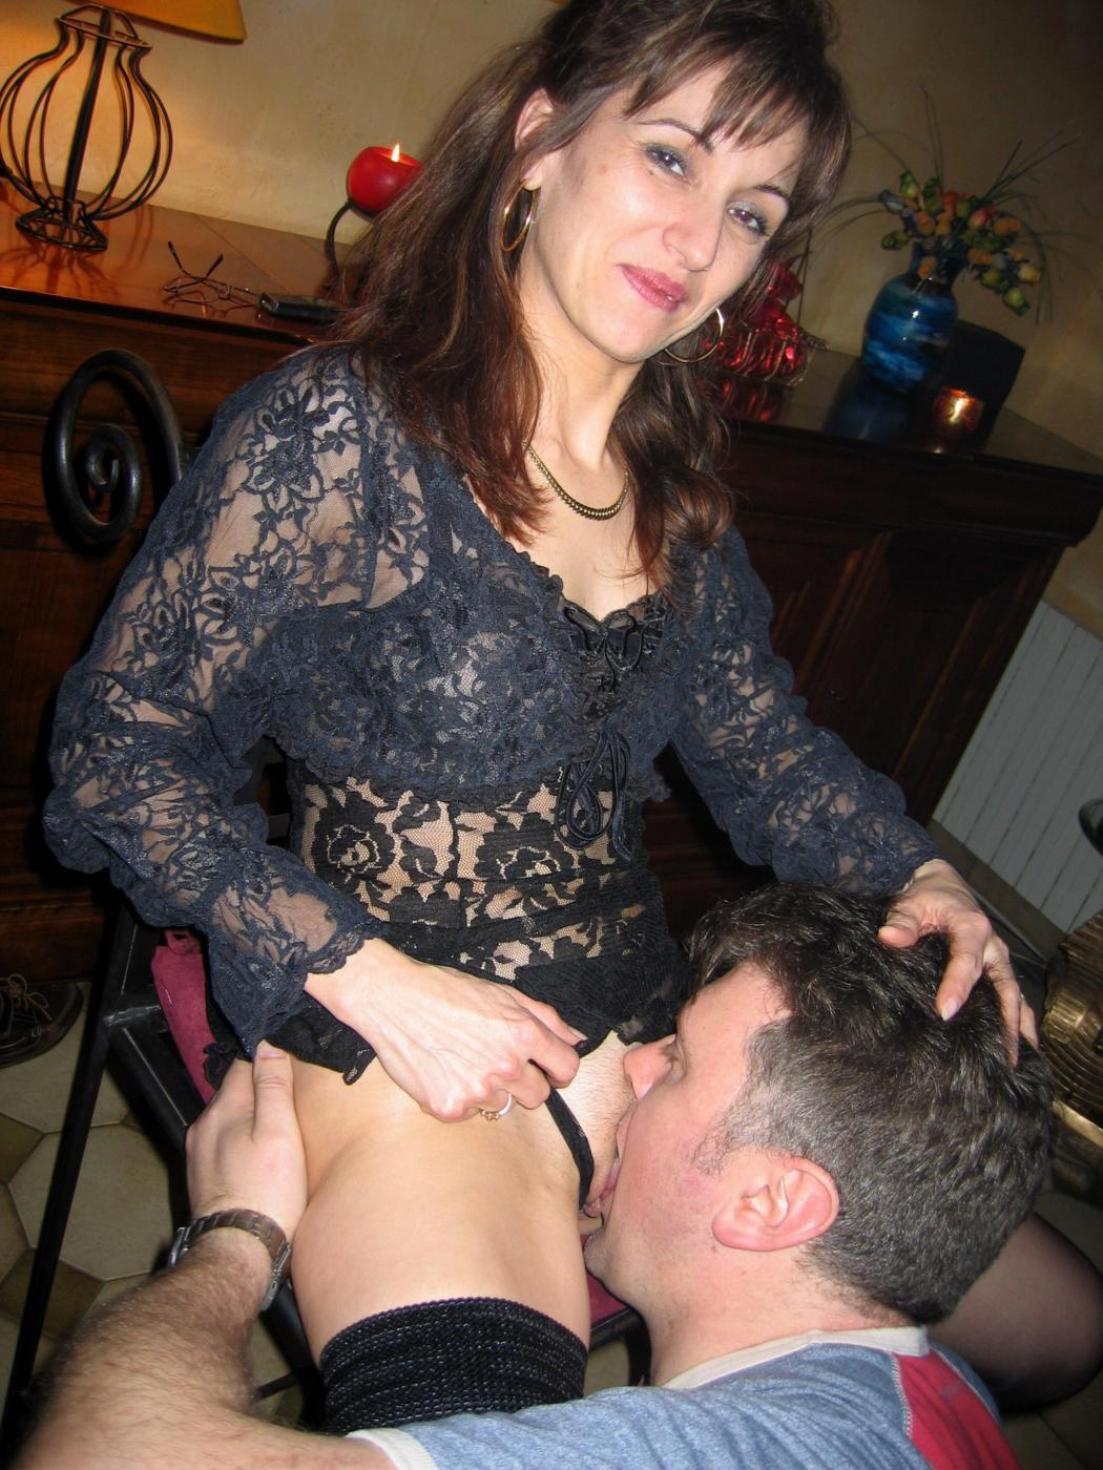 Принуждение жены к вступлению в свингерклуб смотреть онлайн 3 фотография